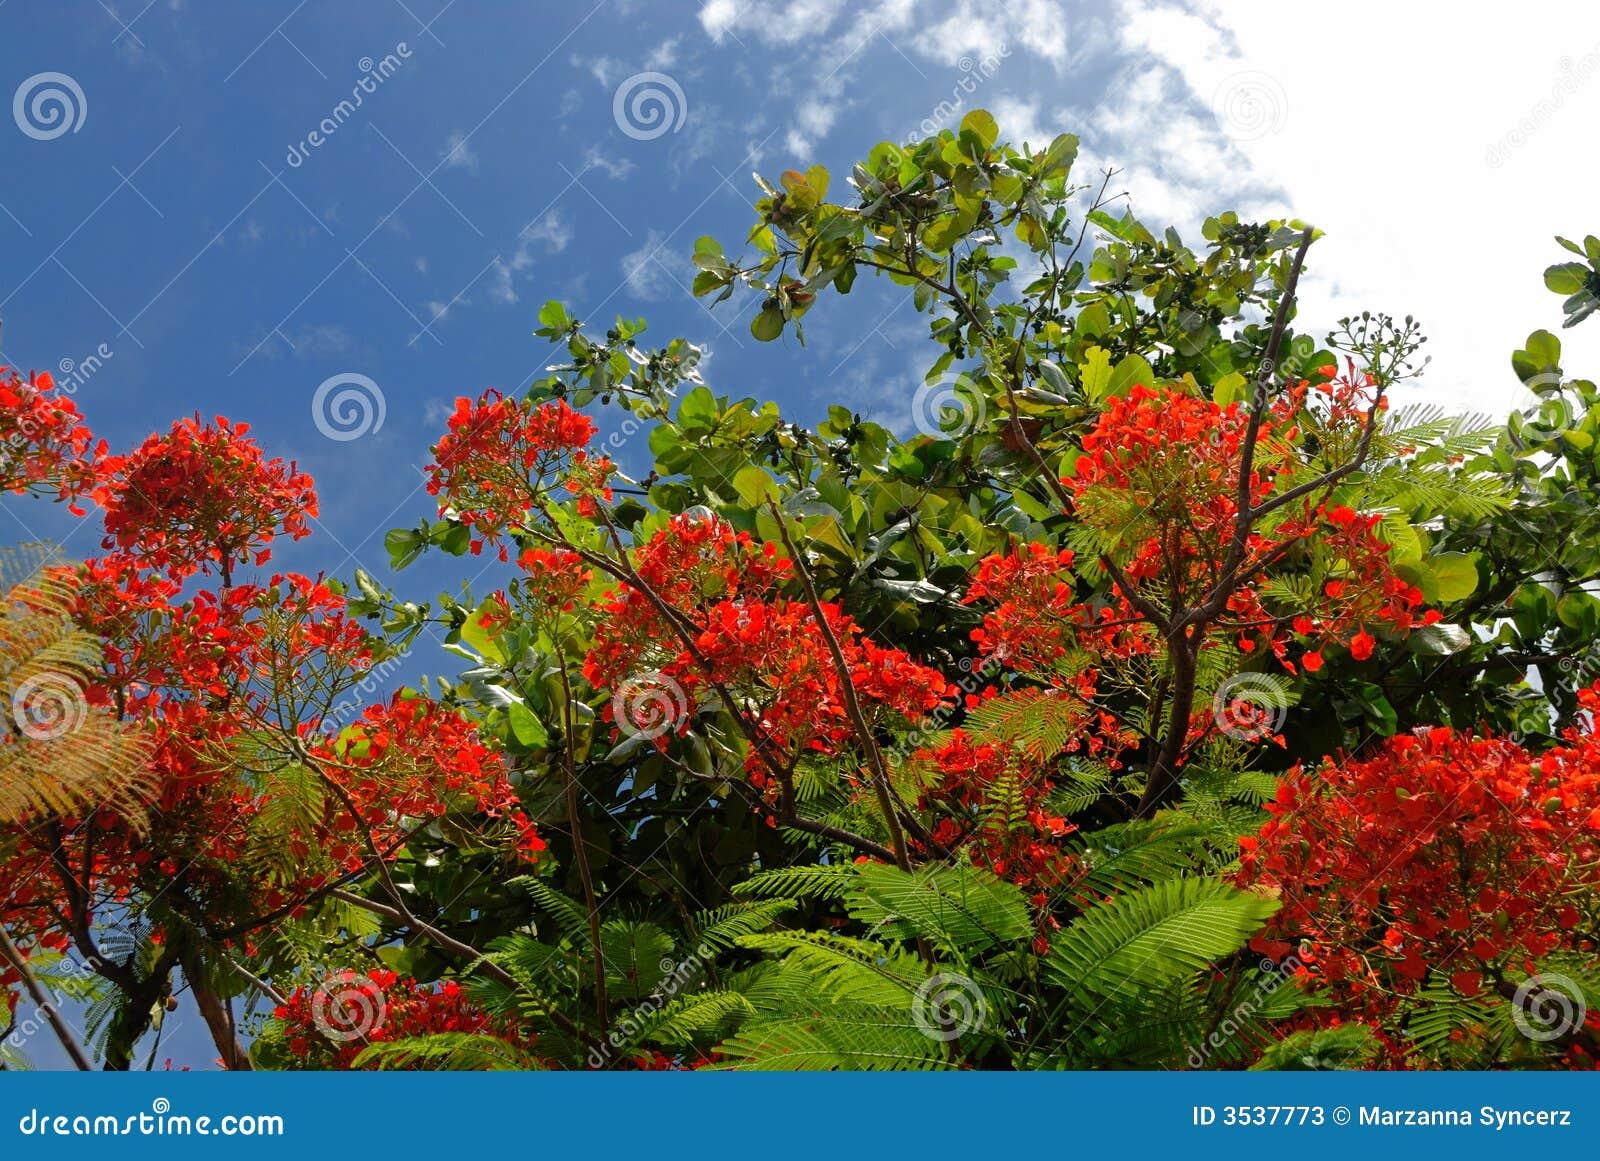 jardim rosas vermelhas:rvore de jardim flores vermelhas Car Tuning